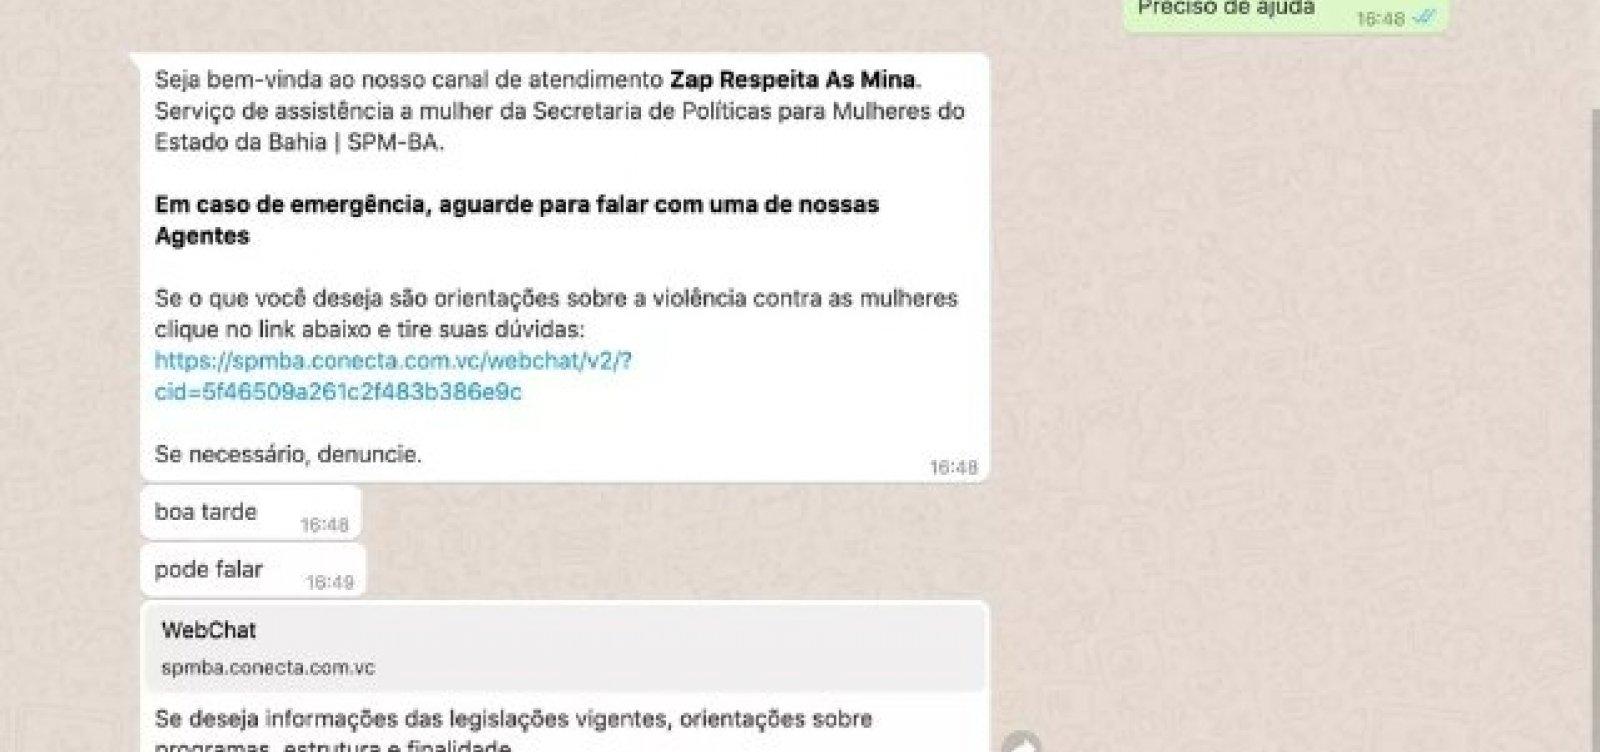 'Zap Respeita as Mina': inteligência artificial recebe denúncias de mulheres vítimas de violência na Bahia